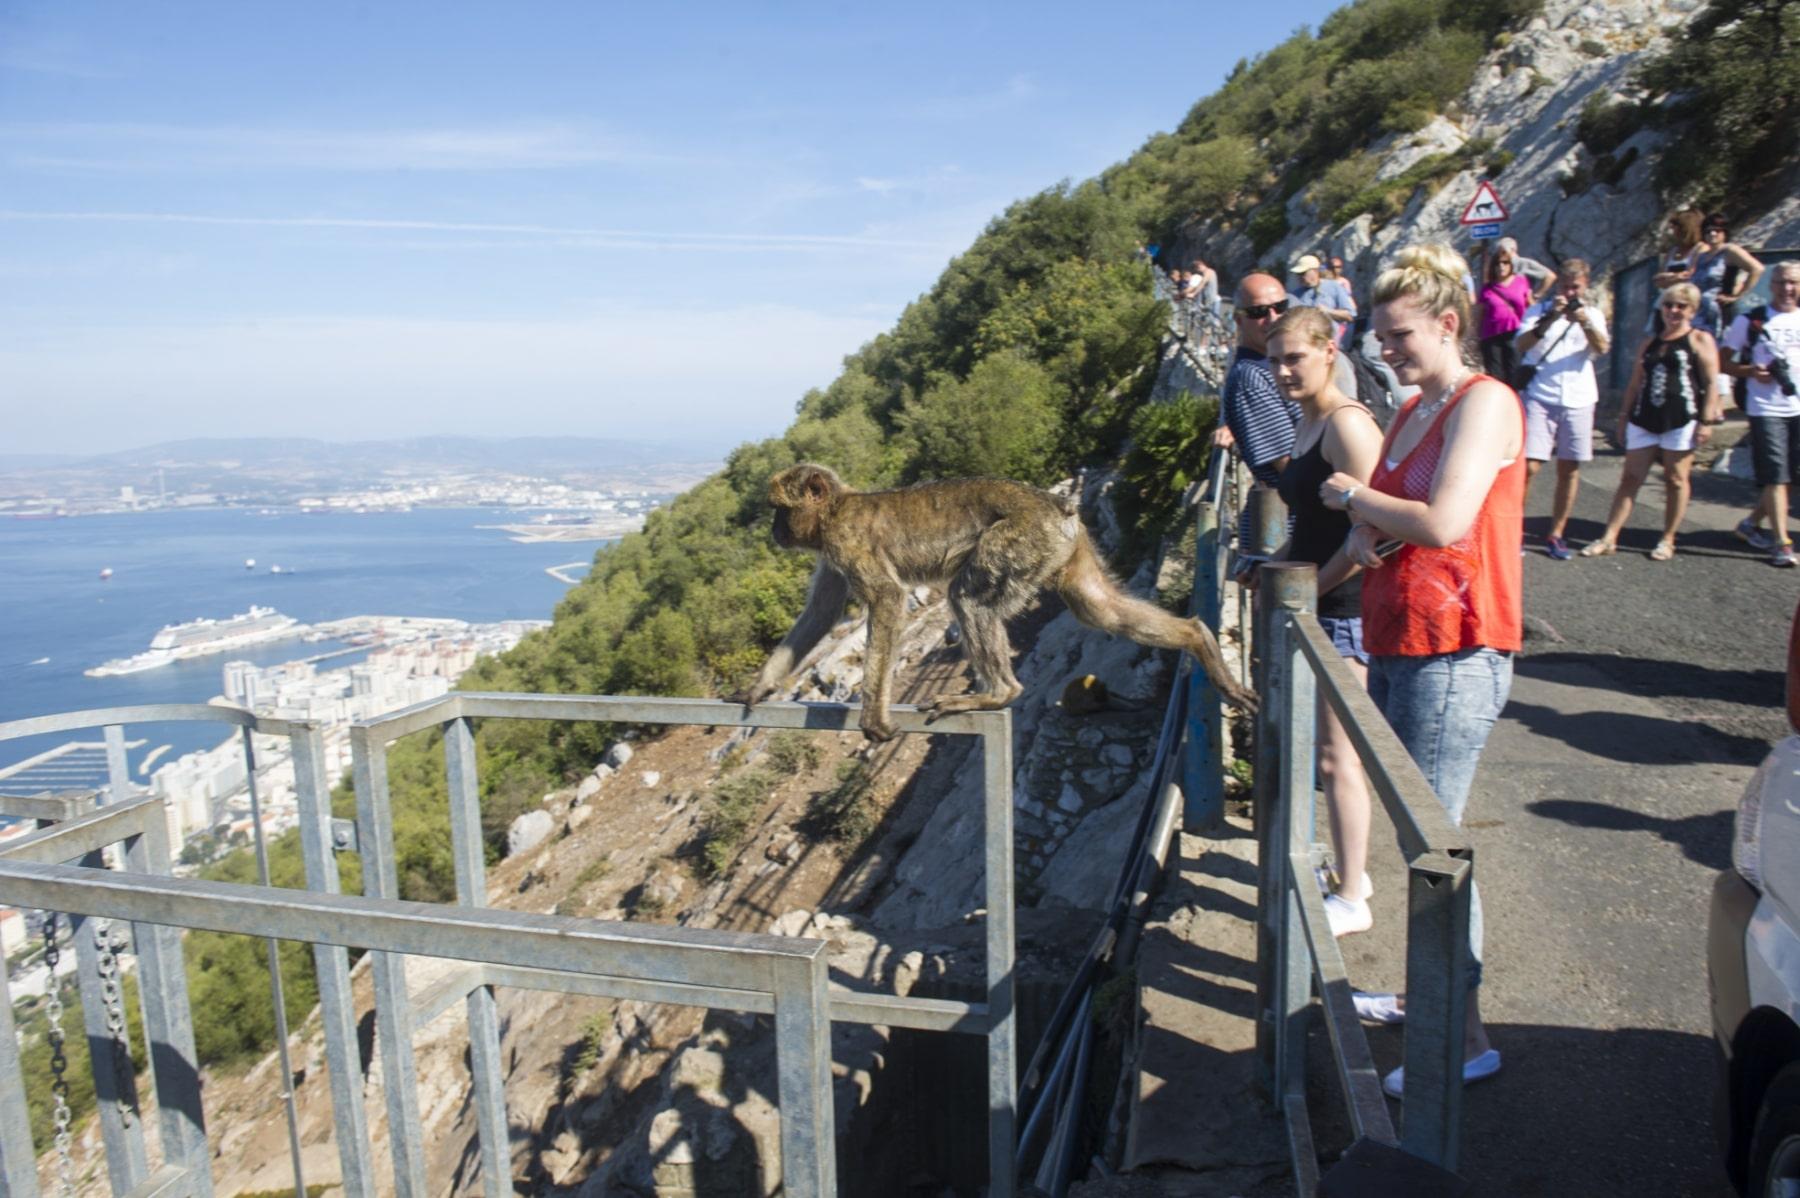 turismo-en-gibraltar-092015-230_22745340035_o